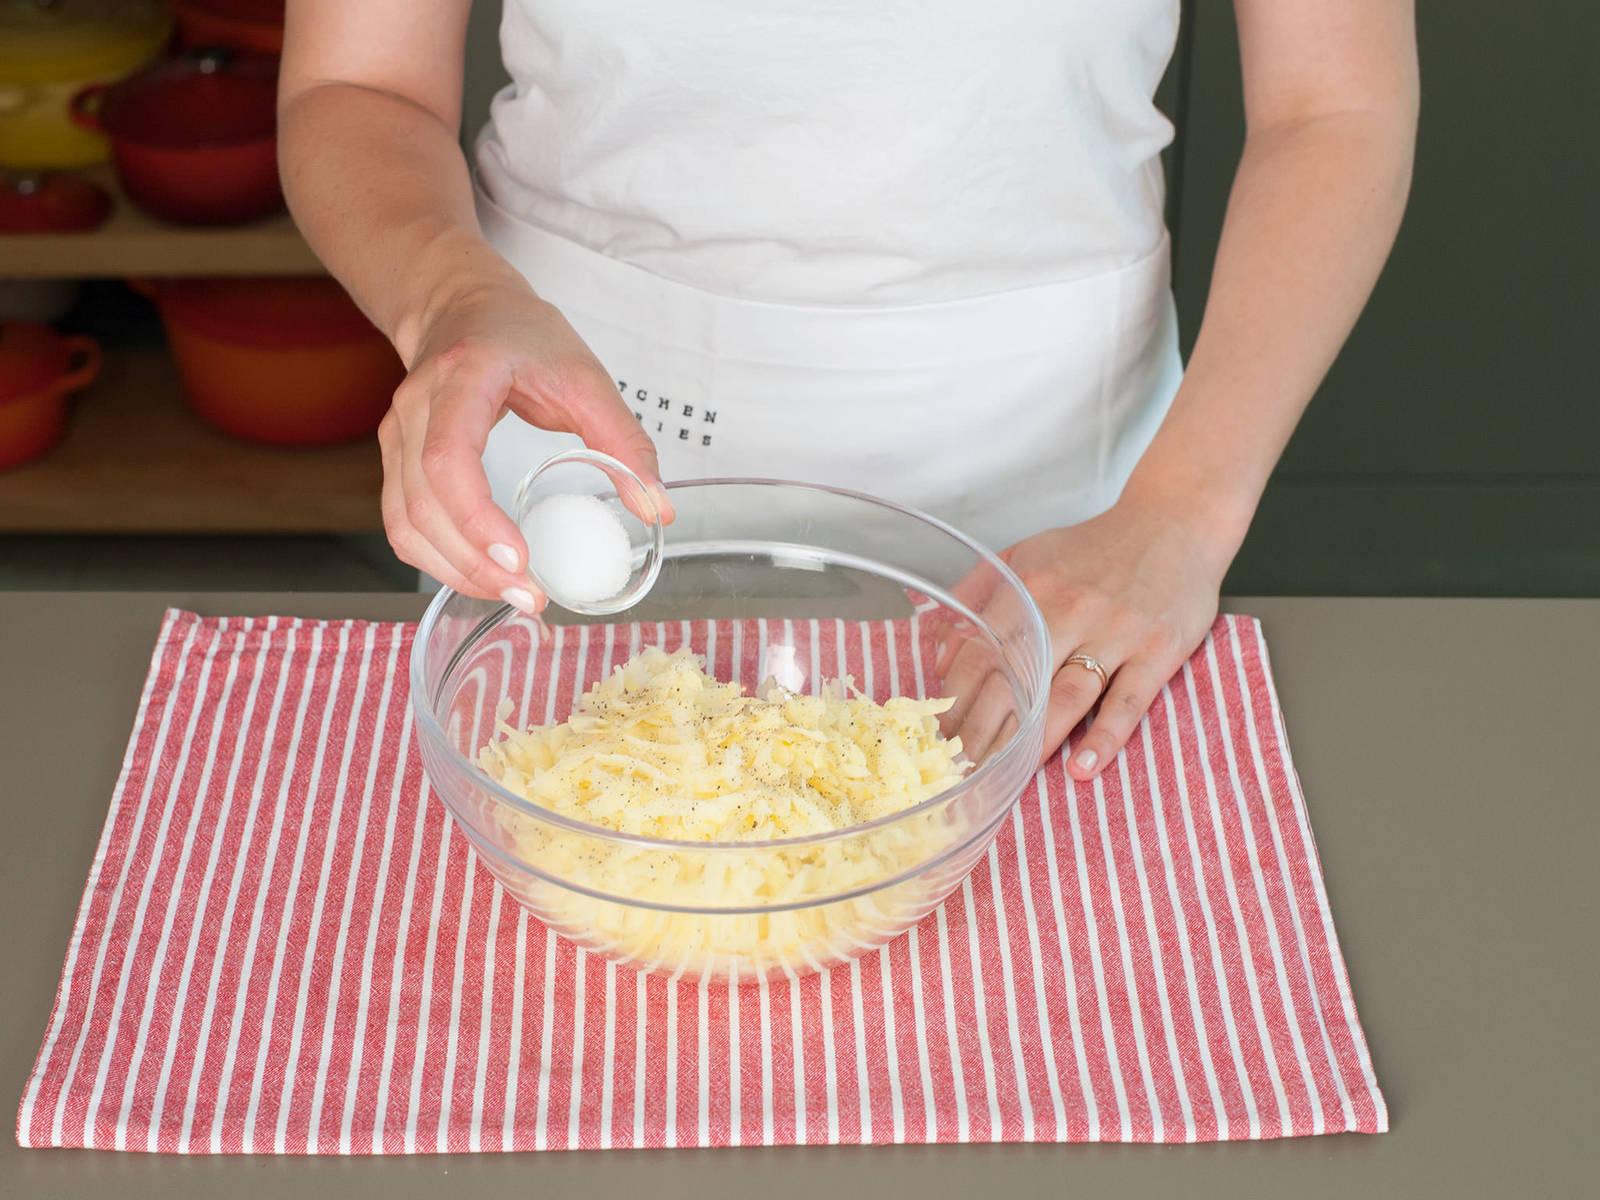 Kartoffelraspeln zurück in die Schüssel geben und mit einer Prise Salz und Pfeffer würzen.